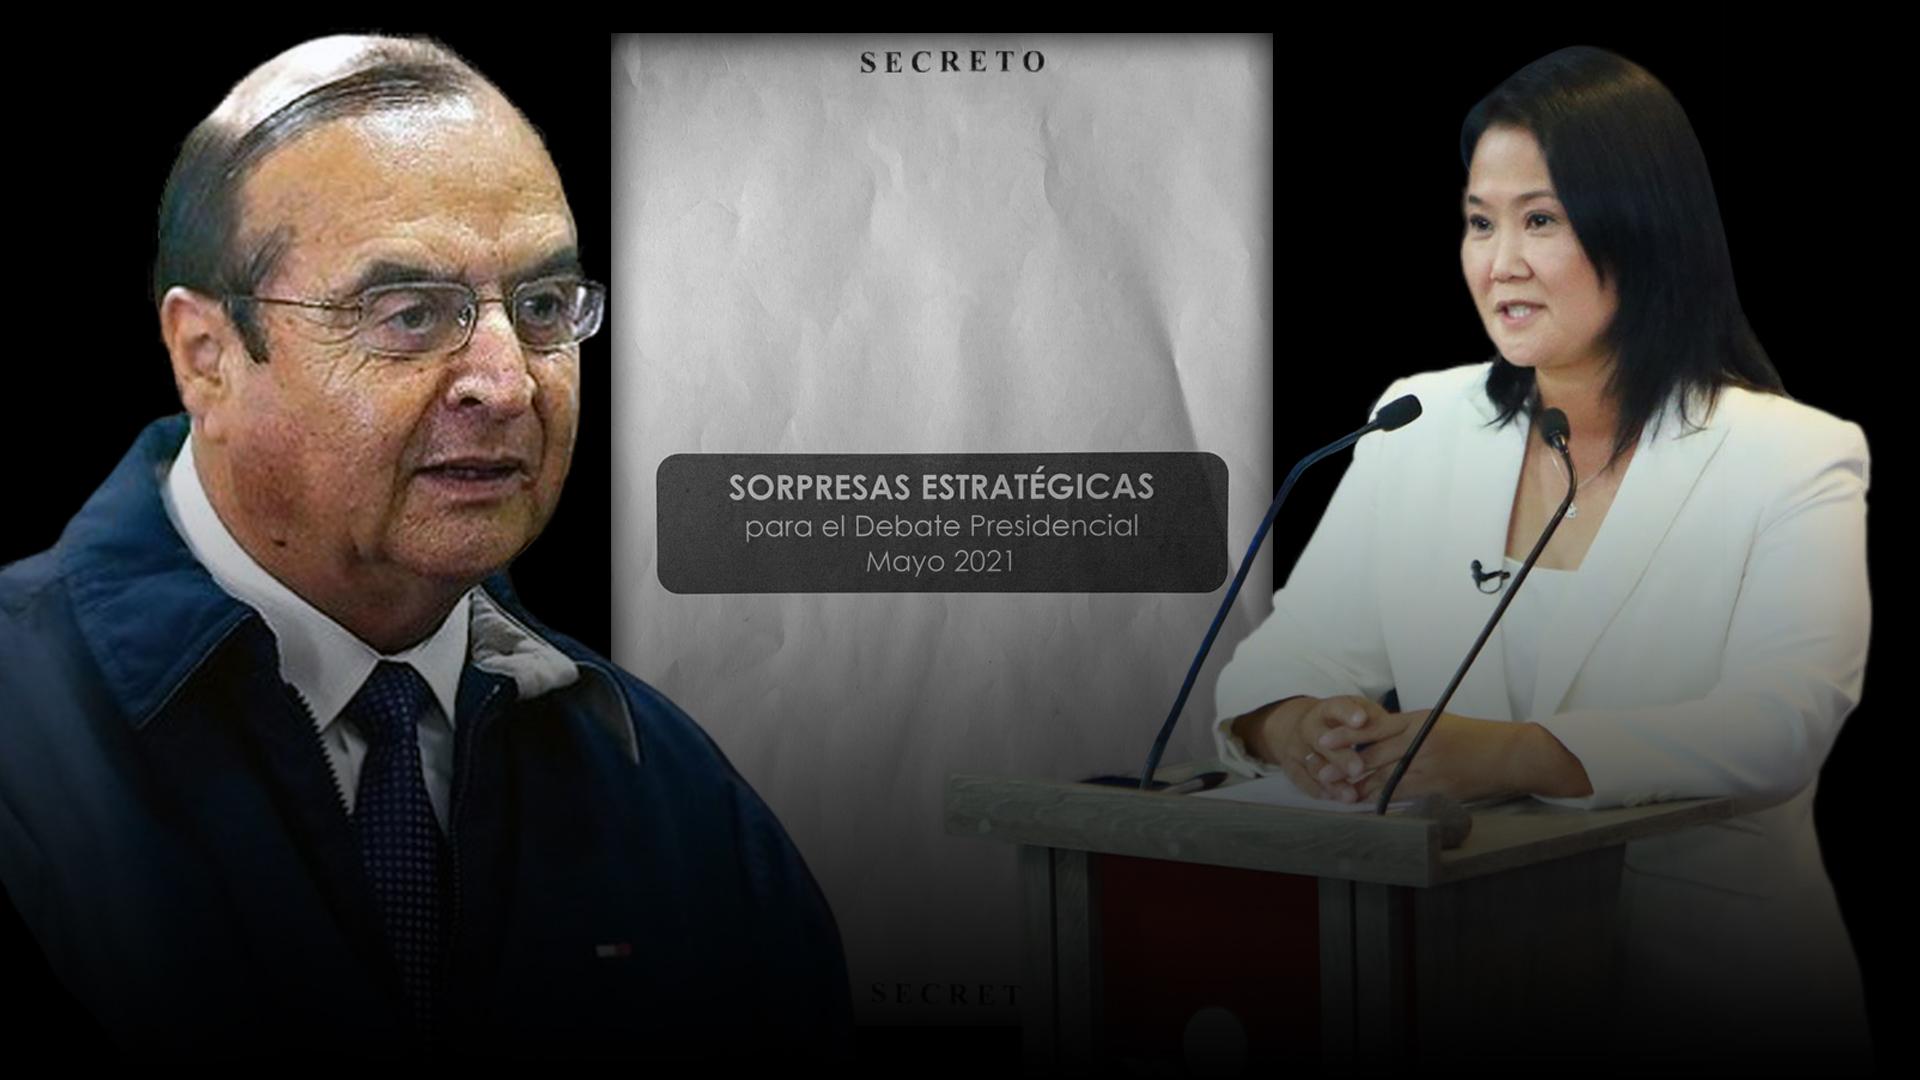 El documento secreto de Montesinos